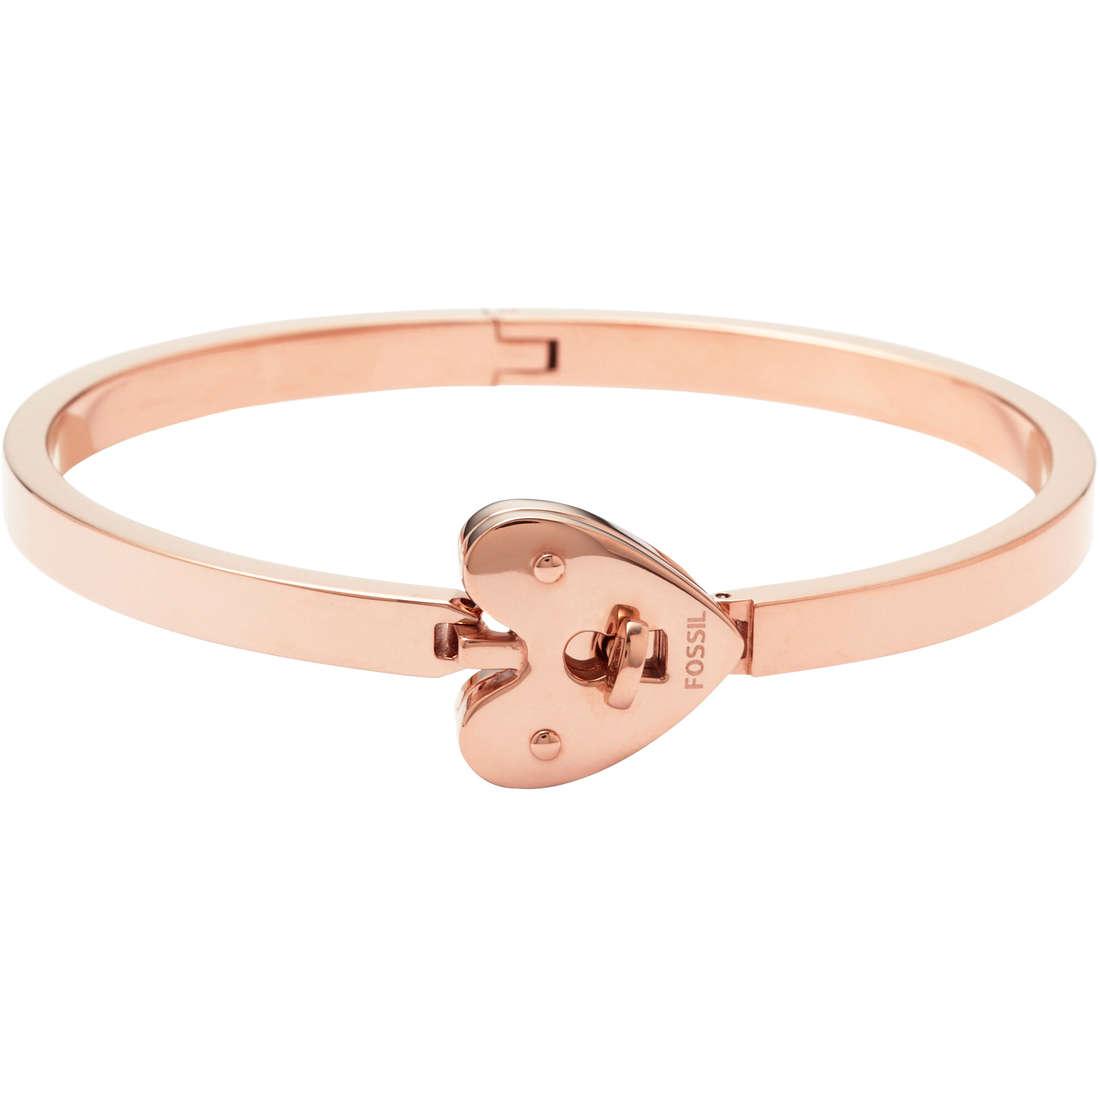 bracelet woman jewellery Fossil JF00381791